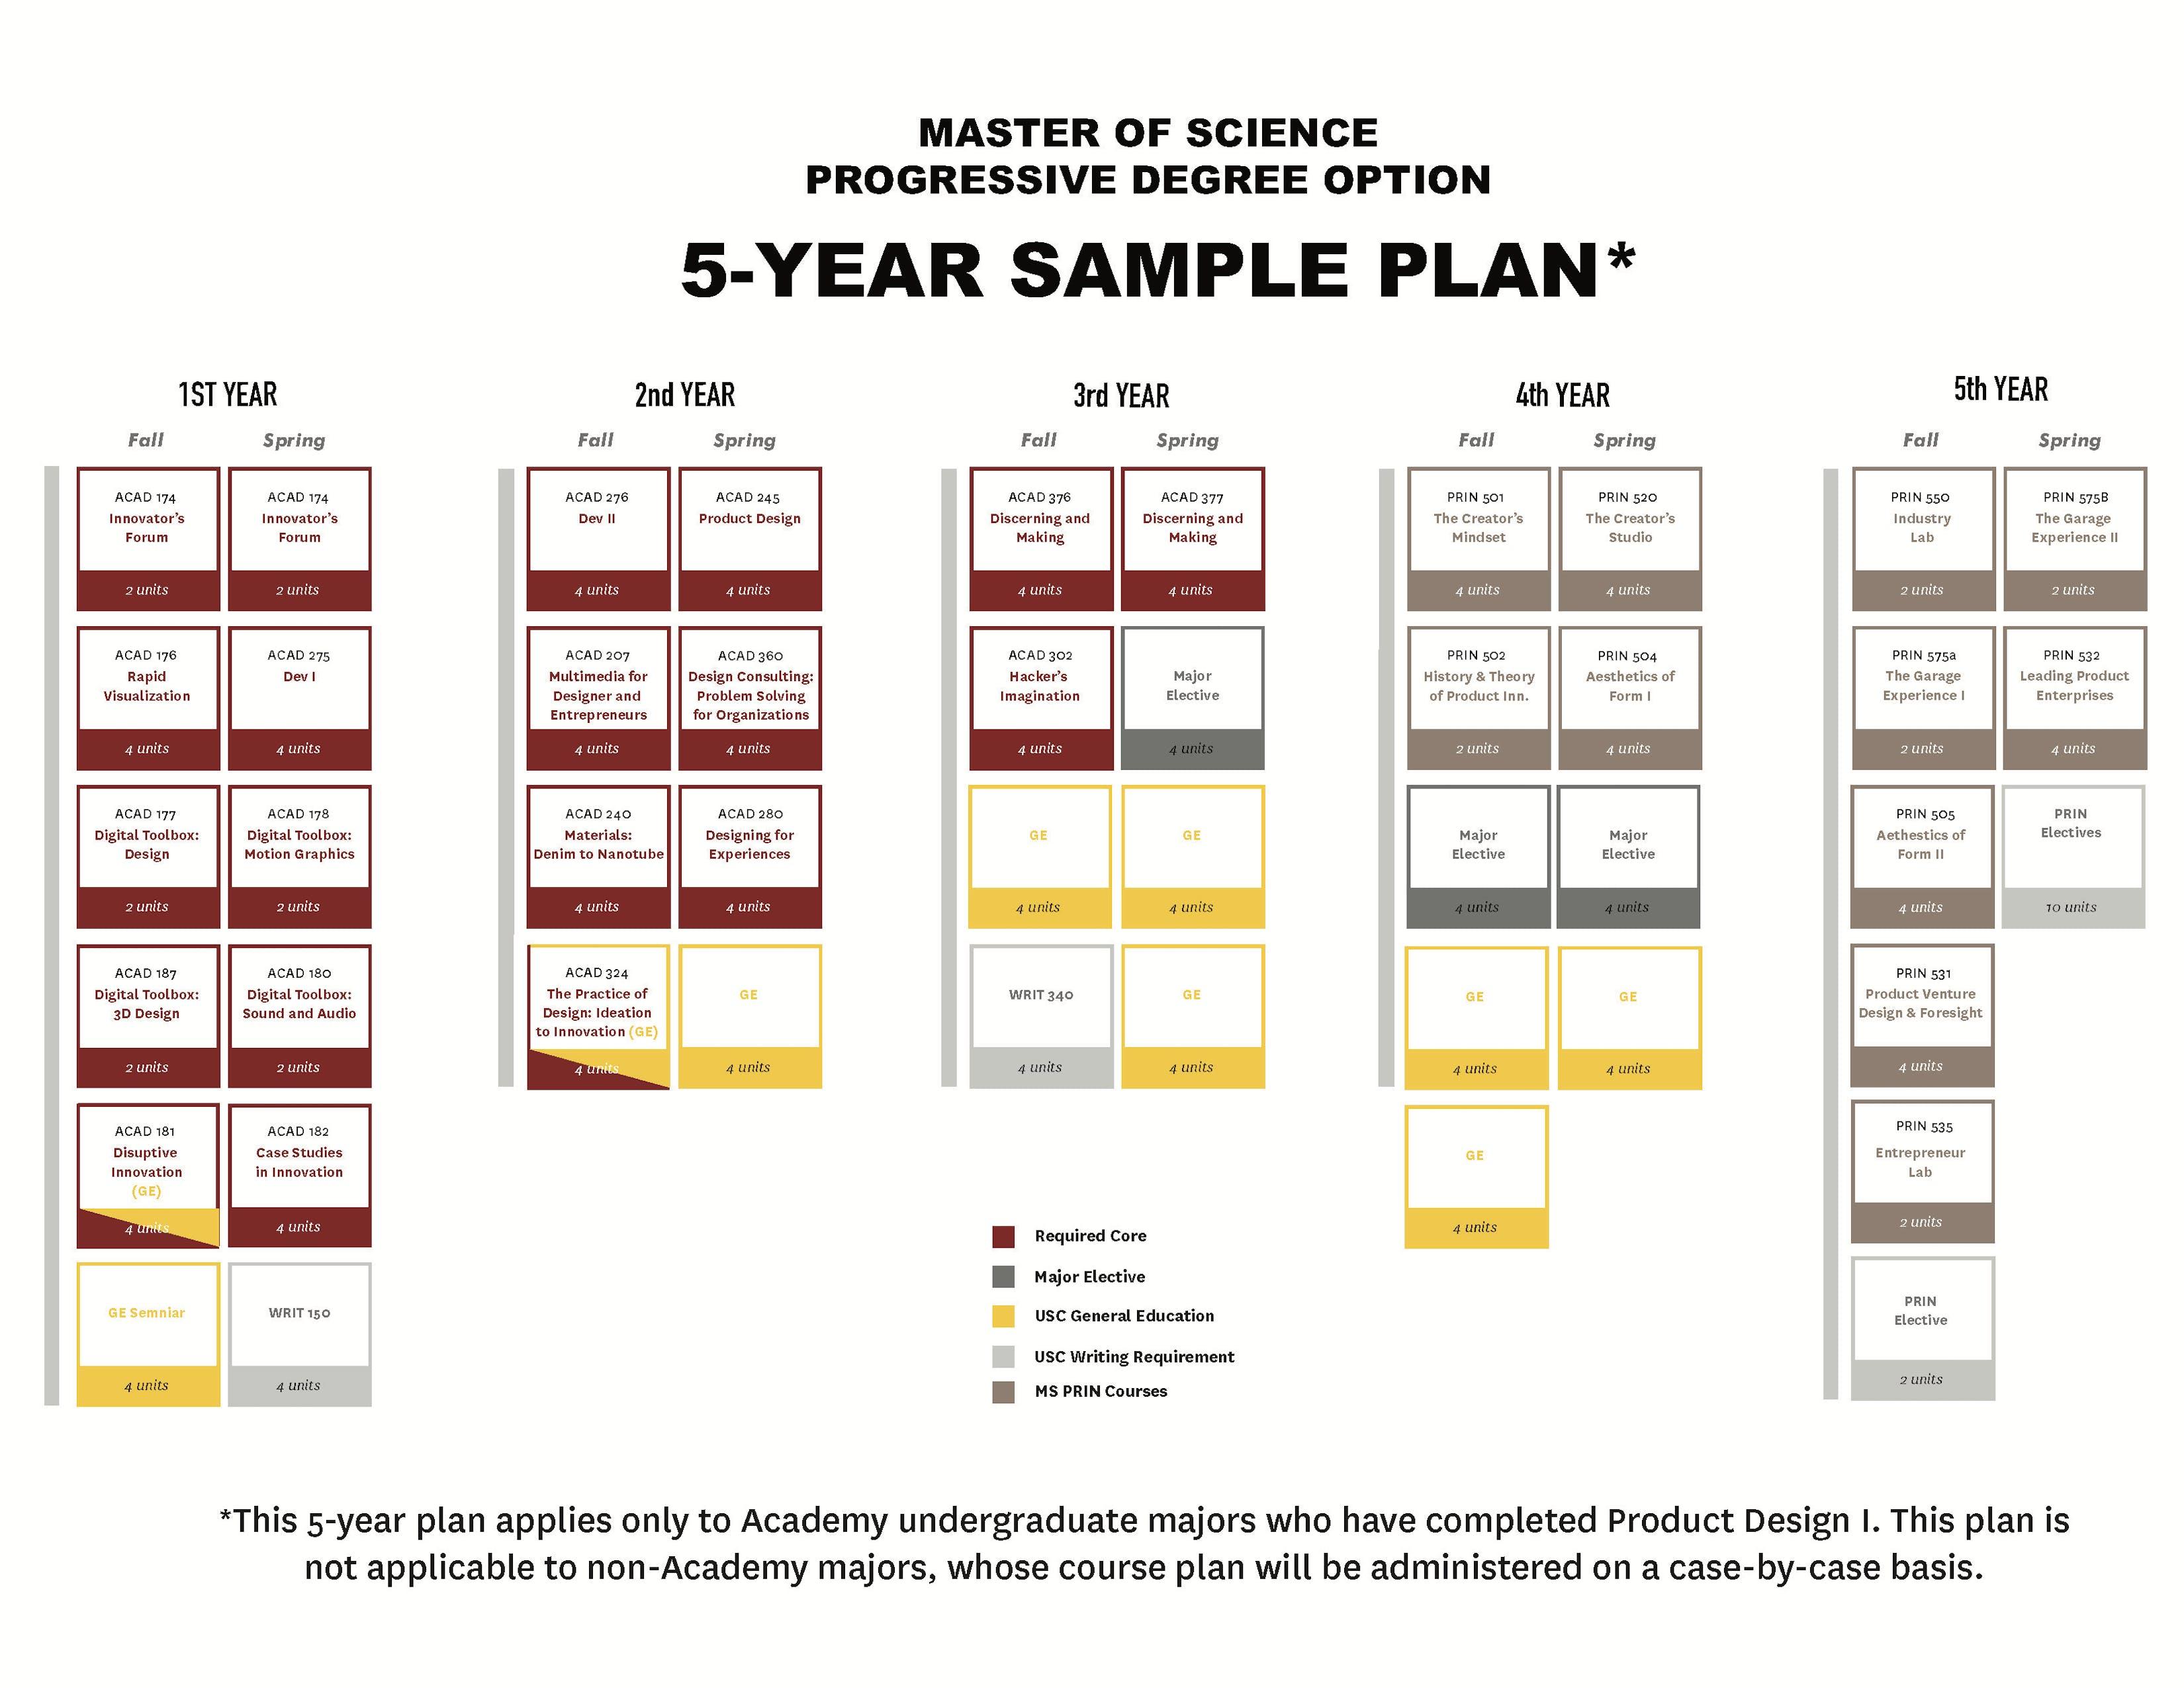 MSPRIN 5 year sample plan